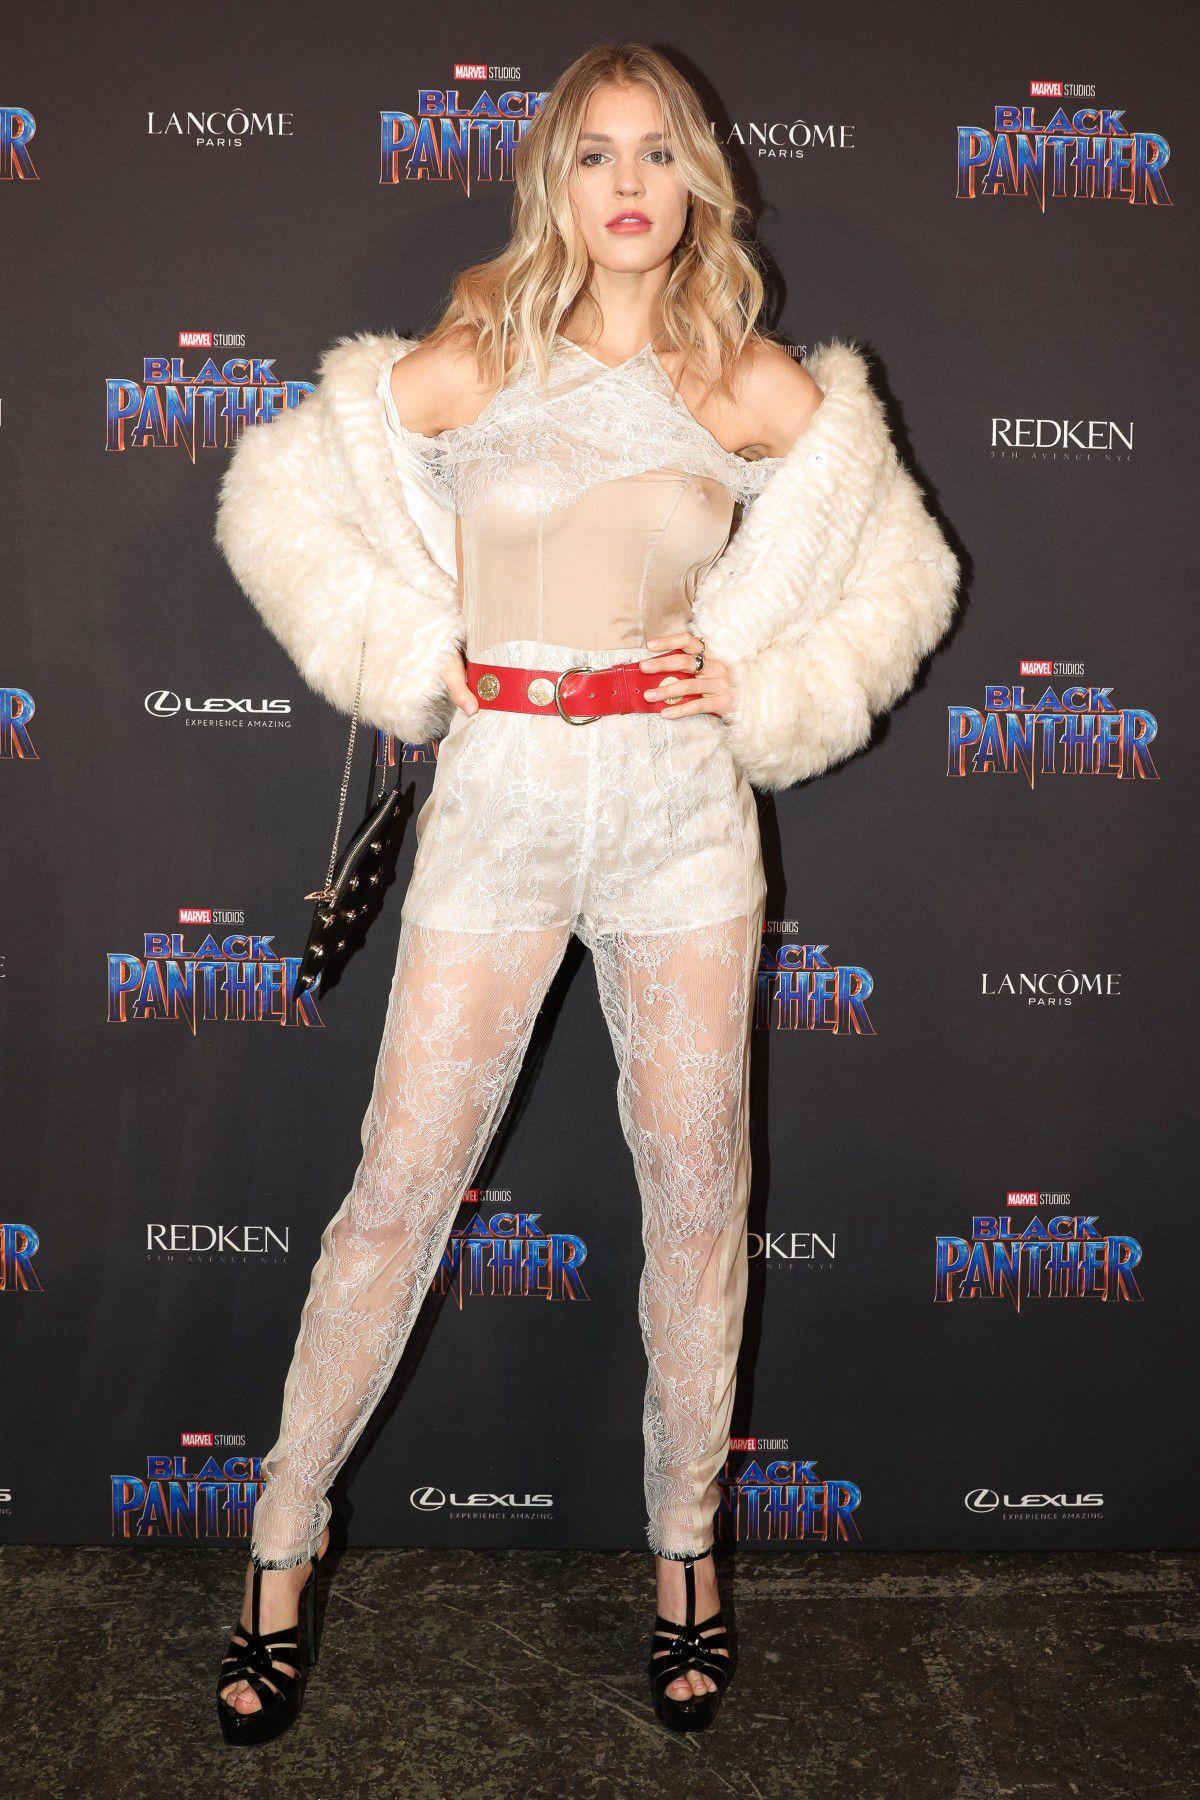 joy-corrigan-see-thru-outfit-black-panther-at-new-york-fashion-week-1092